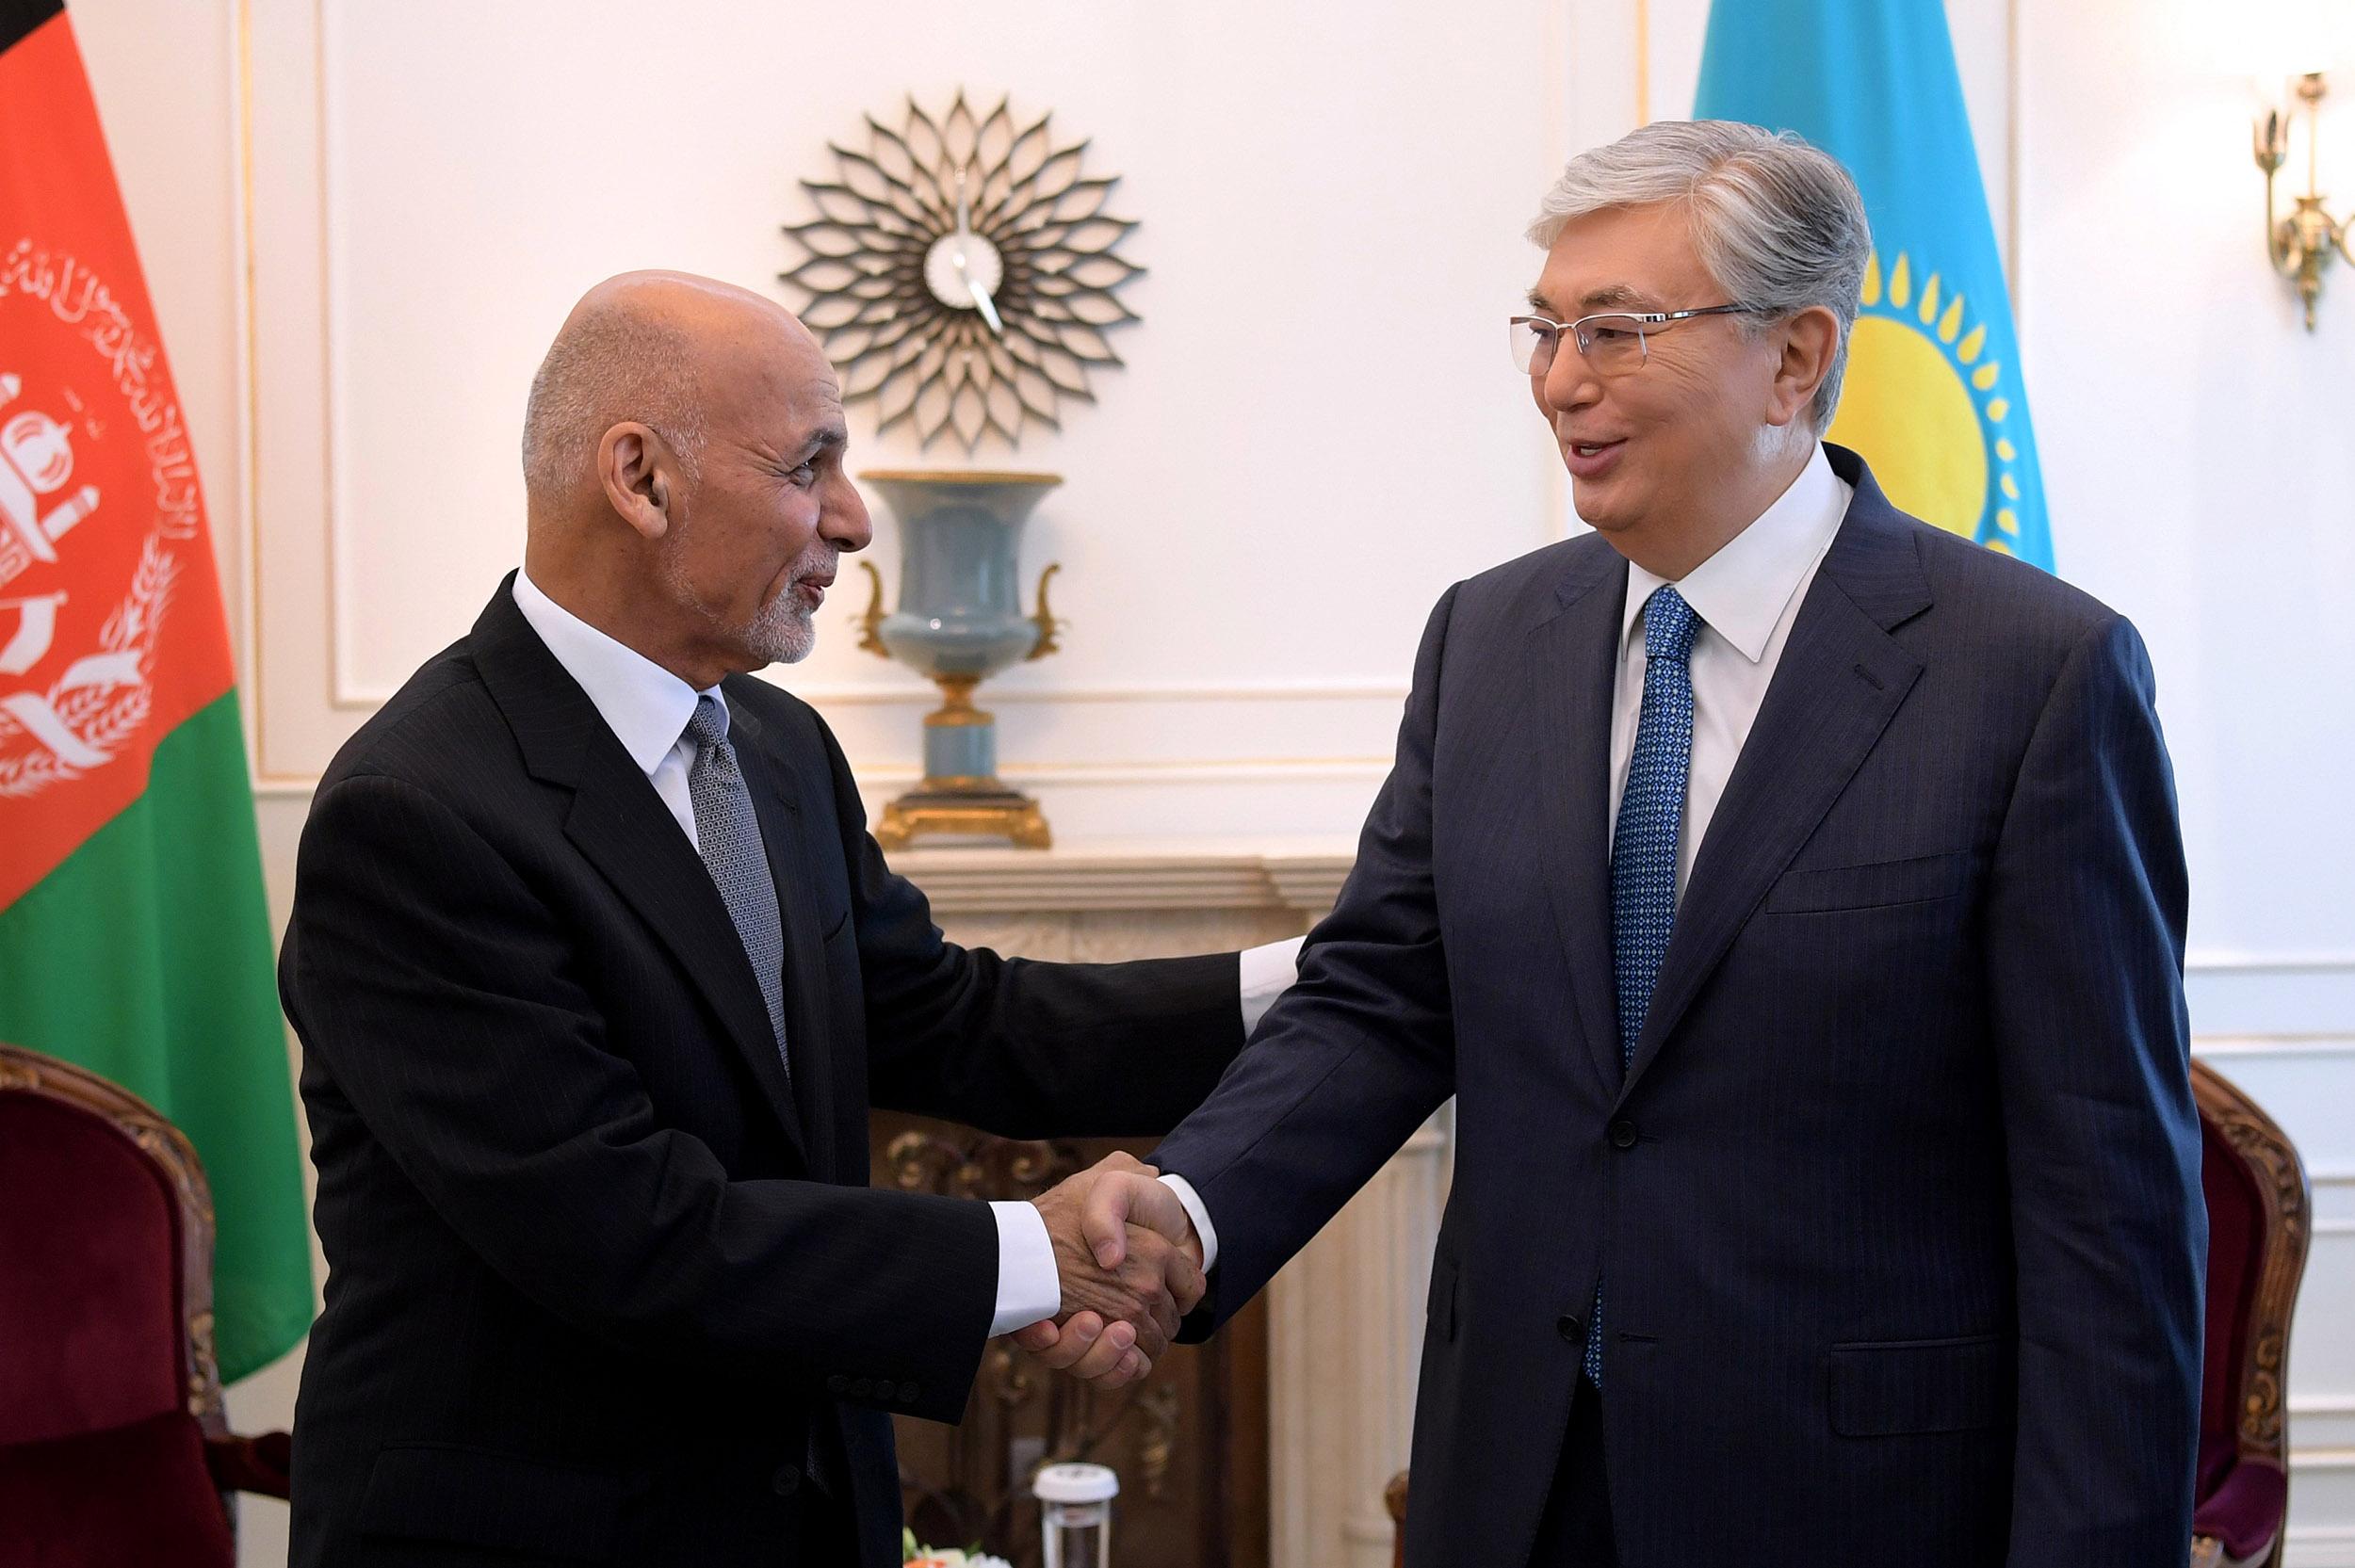 Касым-Жомарт Токаев встретился с Президентом Афганистана Мохаммадом Ашрафом  Гани — Официальный сайт Президента Республики Казахстан